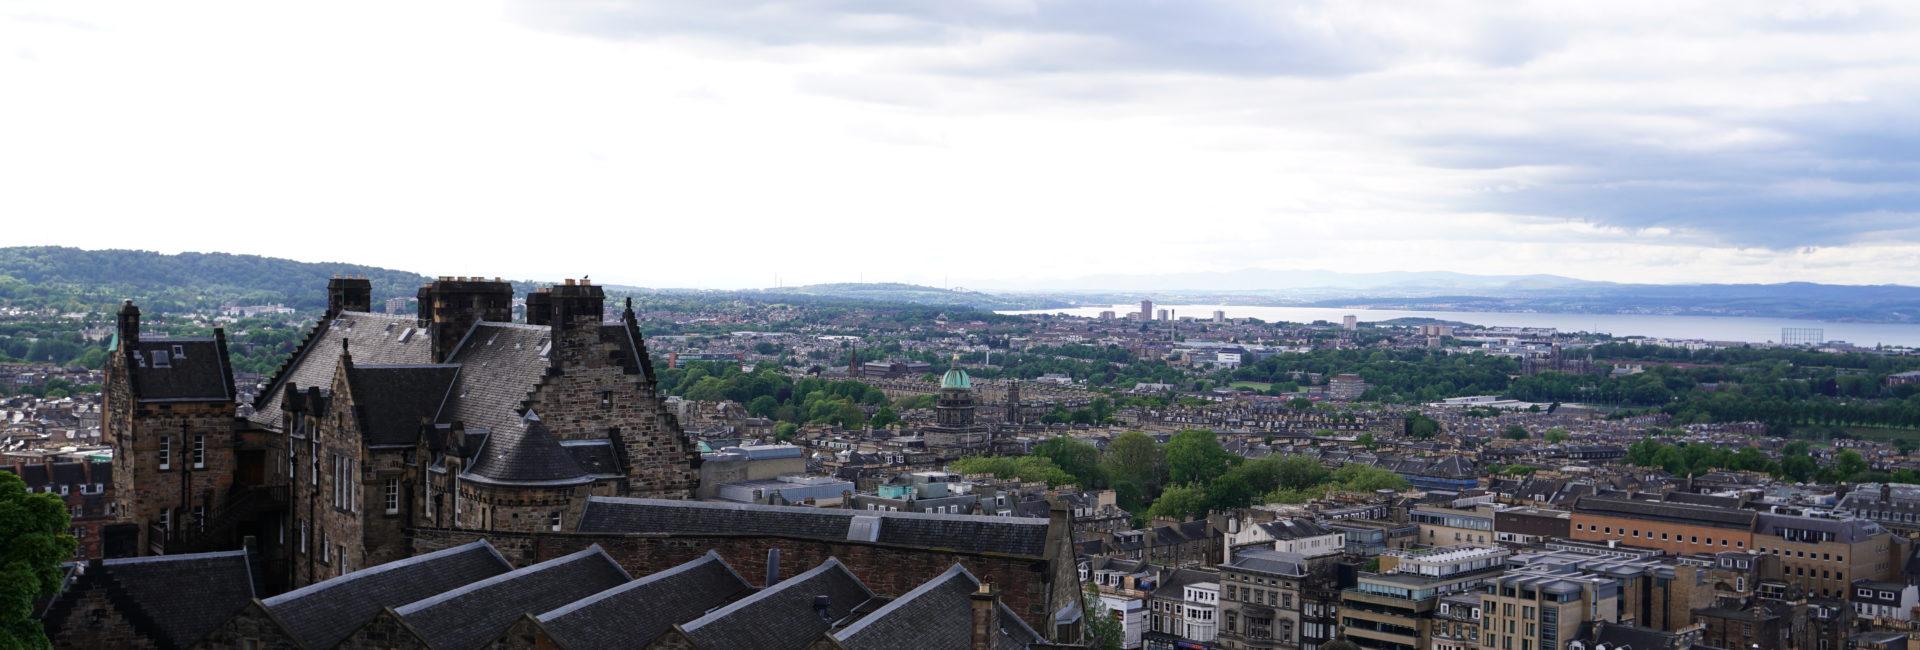 英國 愛丁堡景點  愛丁堡城堡 Edinburgh Castle